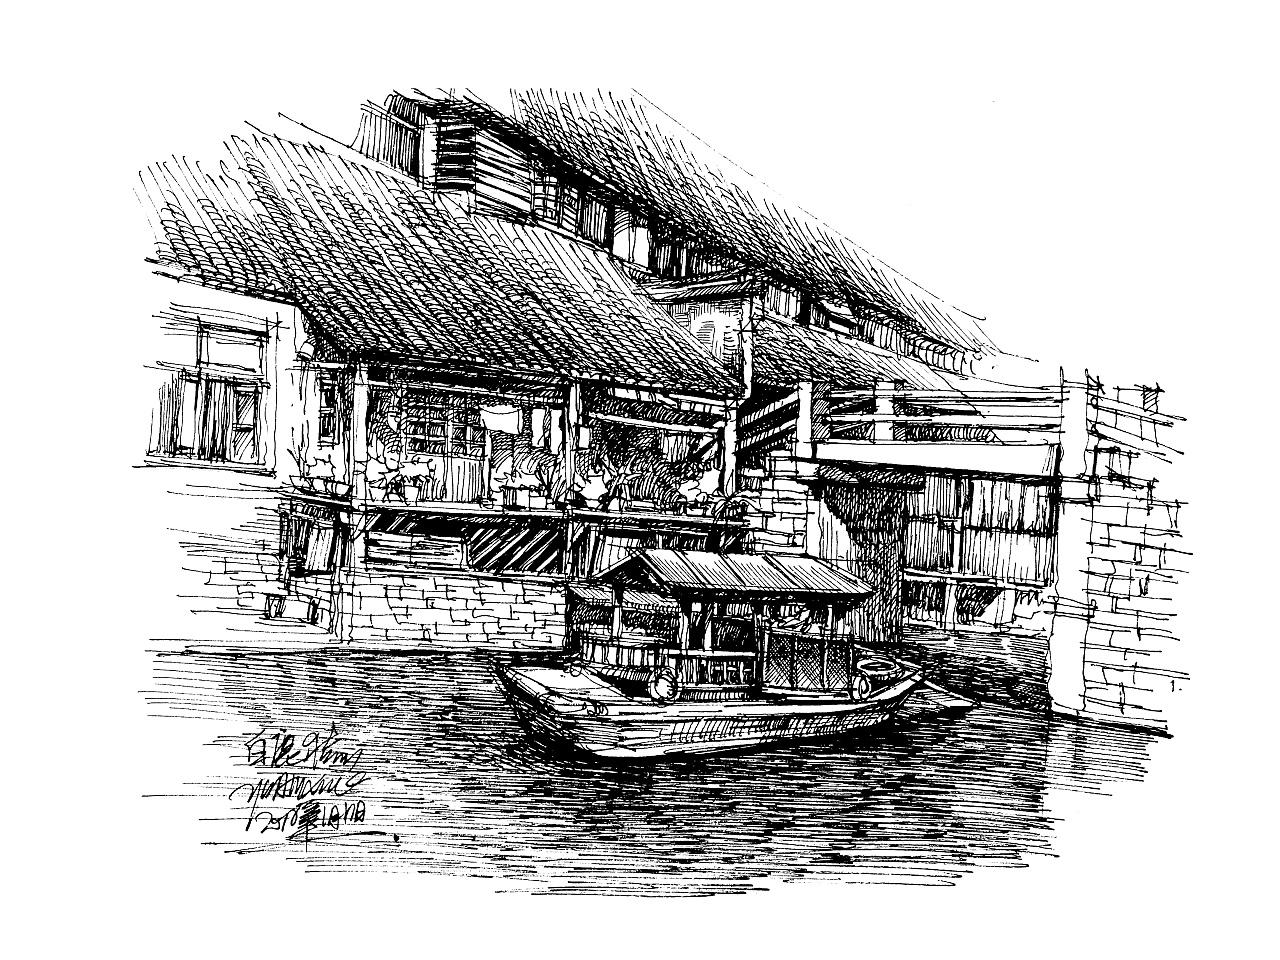 白鹿猿钢笔手绘---东方建筑情节